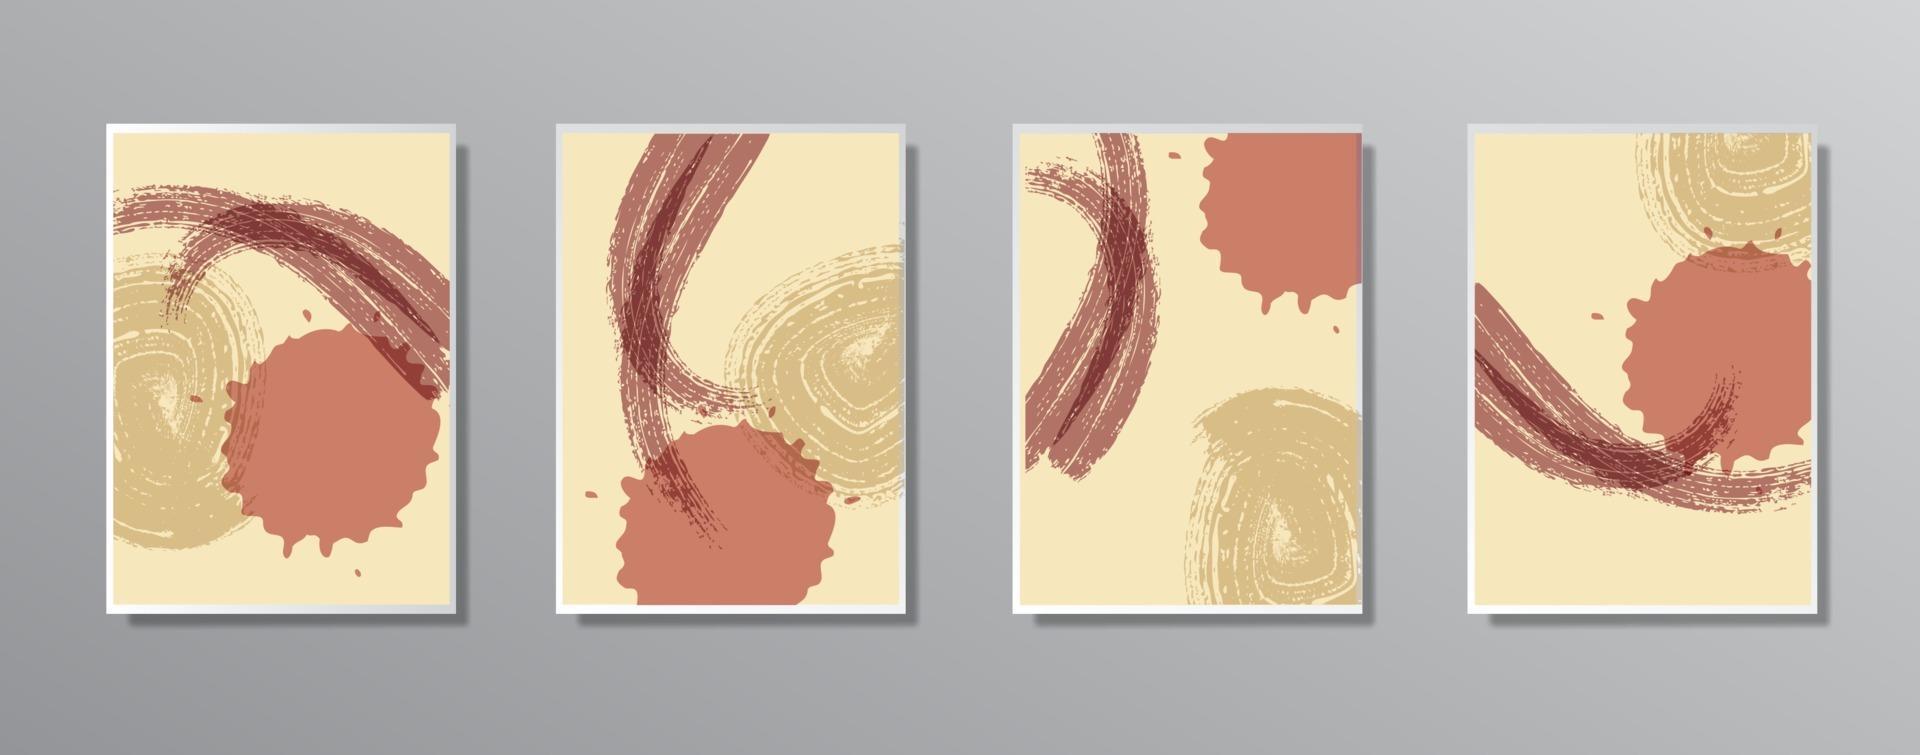 conjunto de ilustraciones en color neutro vintage minimalistas creativas dibujadas a mano vector